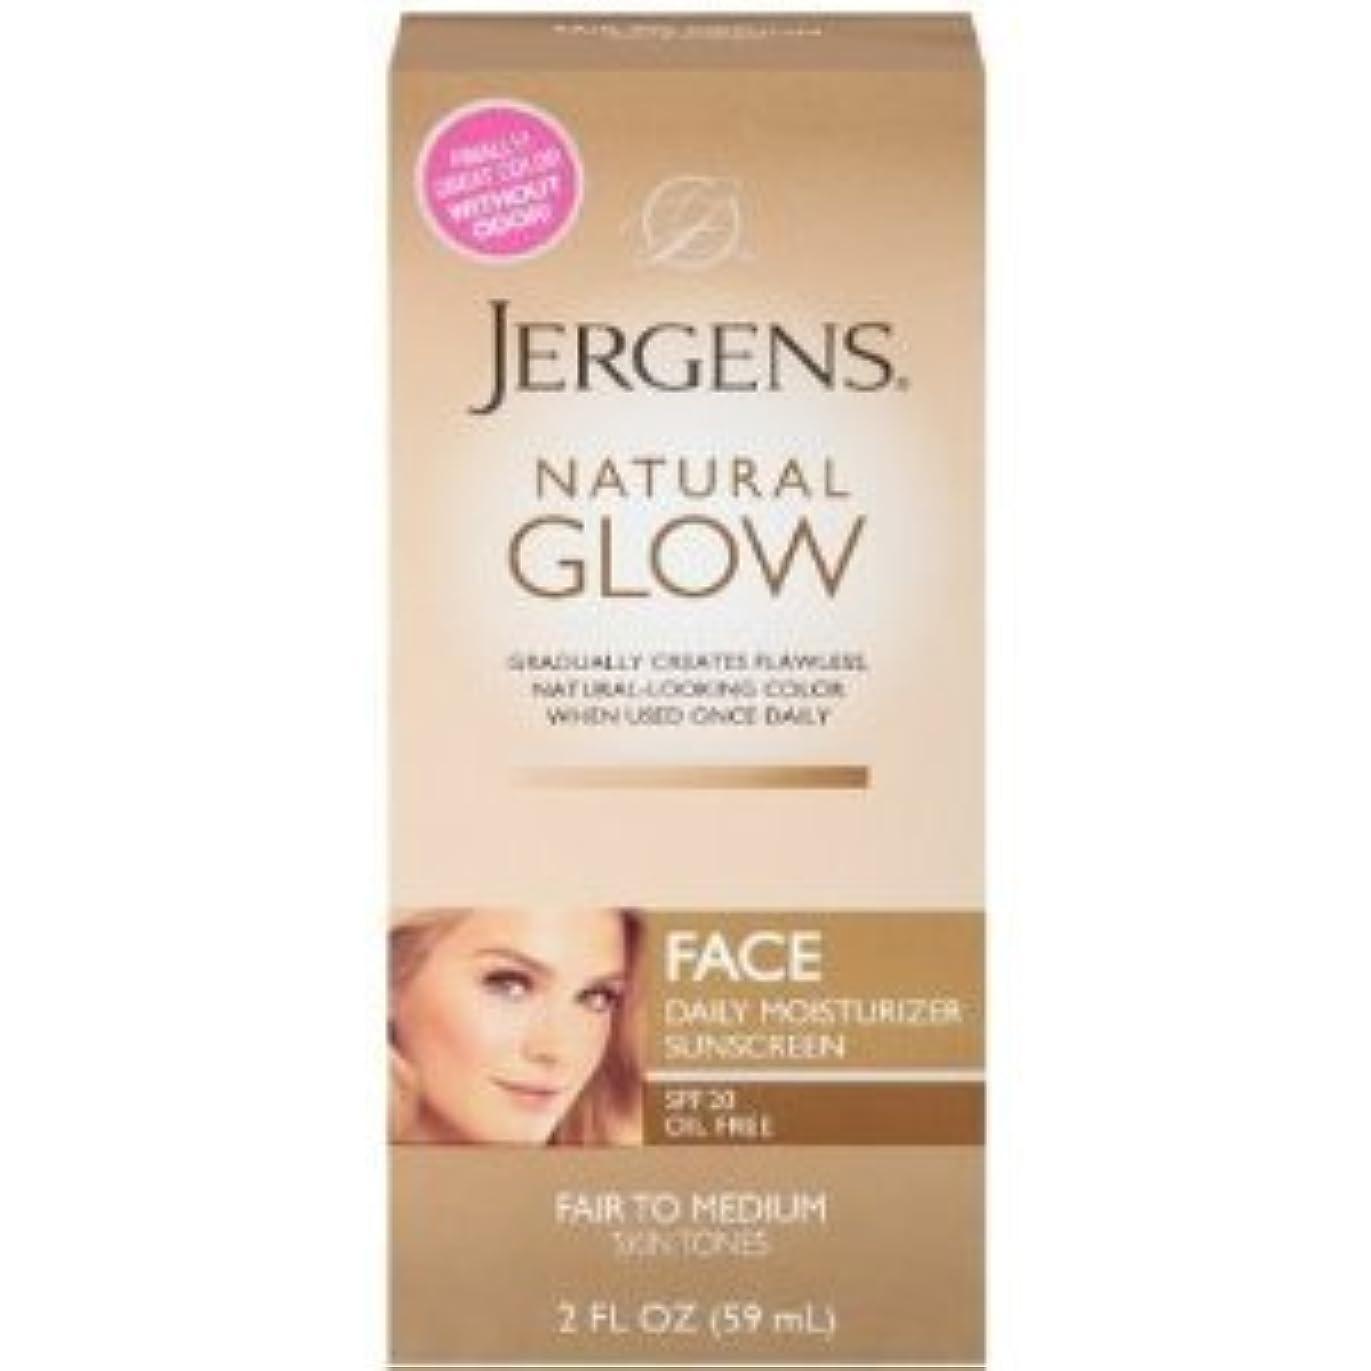 悔い改めきゅうりシーサイドNatural Glow Healthy Complexion Daily Facial Moisturizer, SPF 20, Fair to Medium Tan, (59ml) (海外直送品)